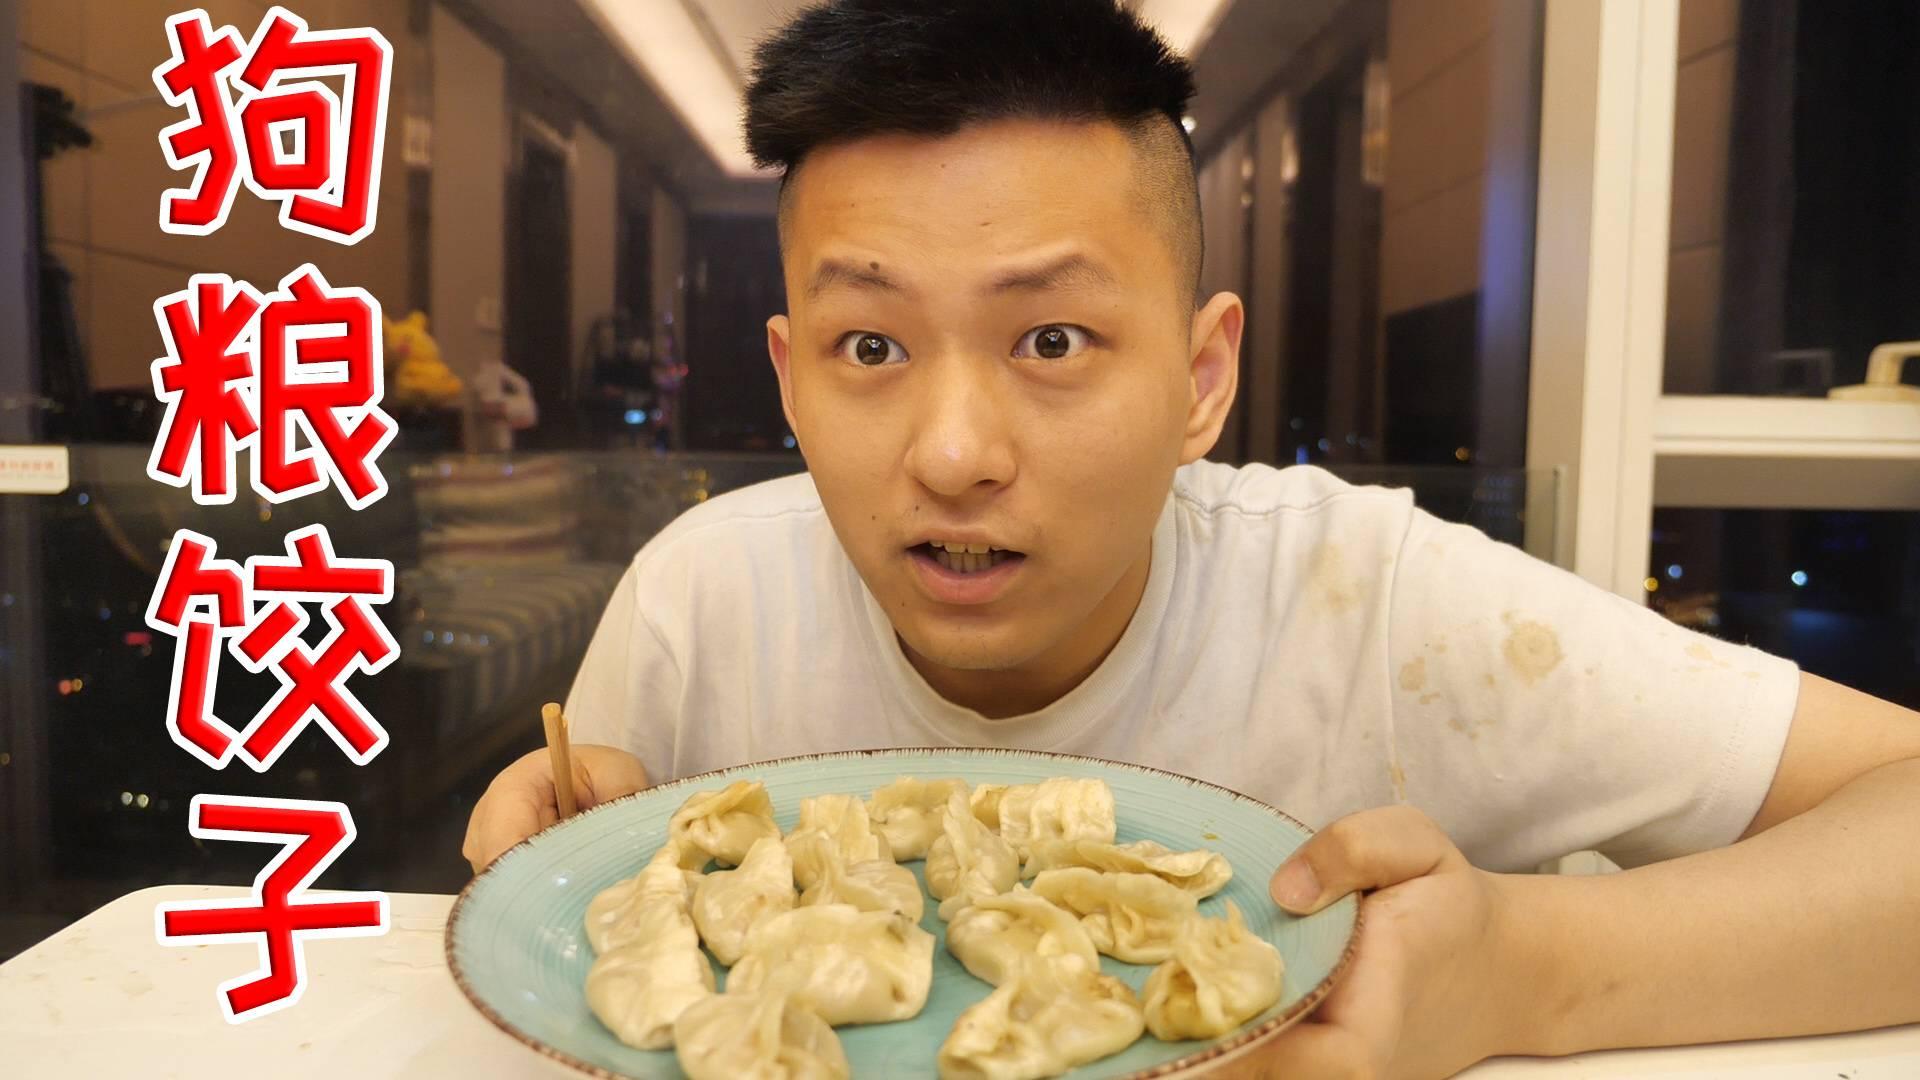 我不做人啦!试吃狗粮猫粮馅饺子,一口开启新世界!